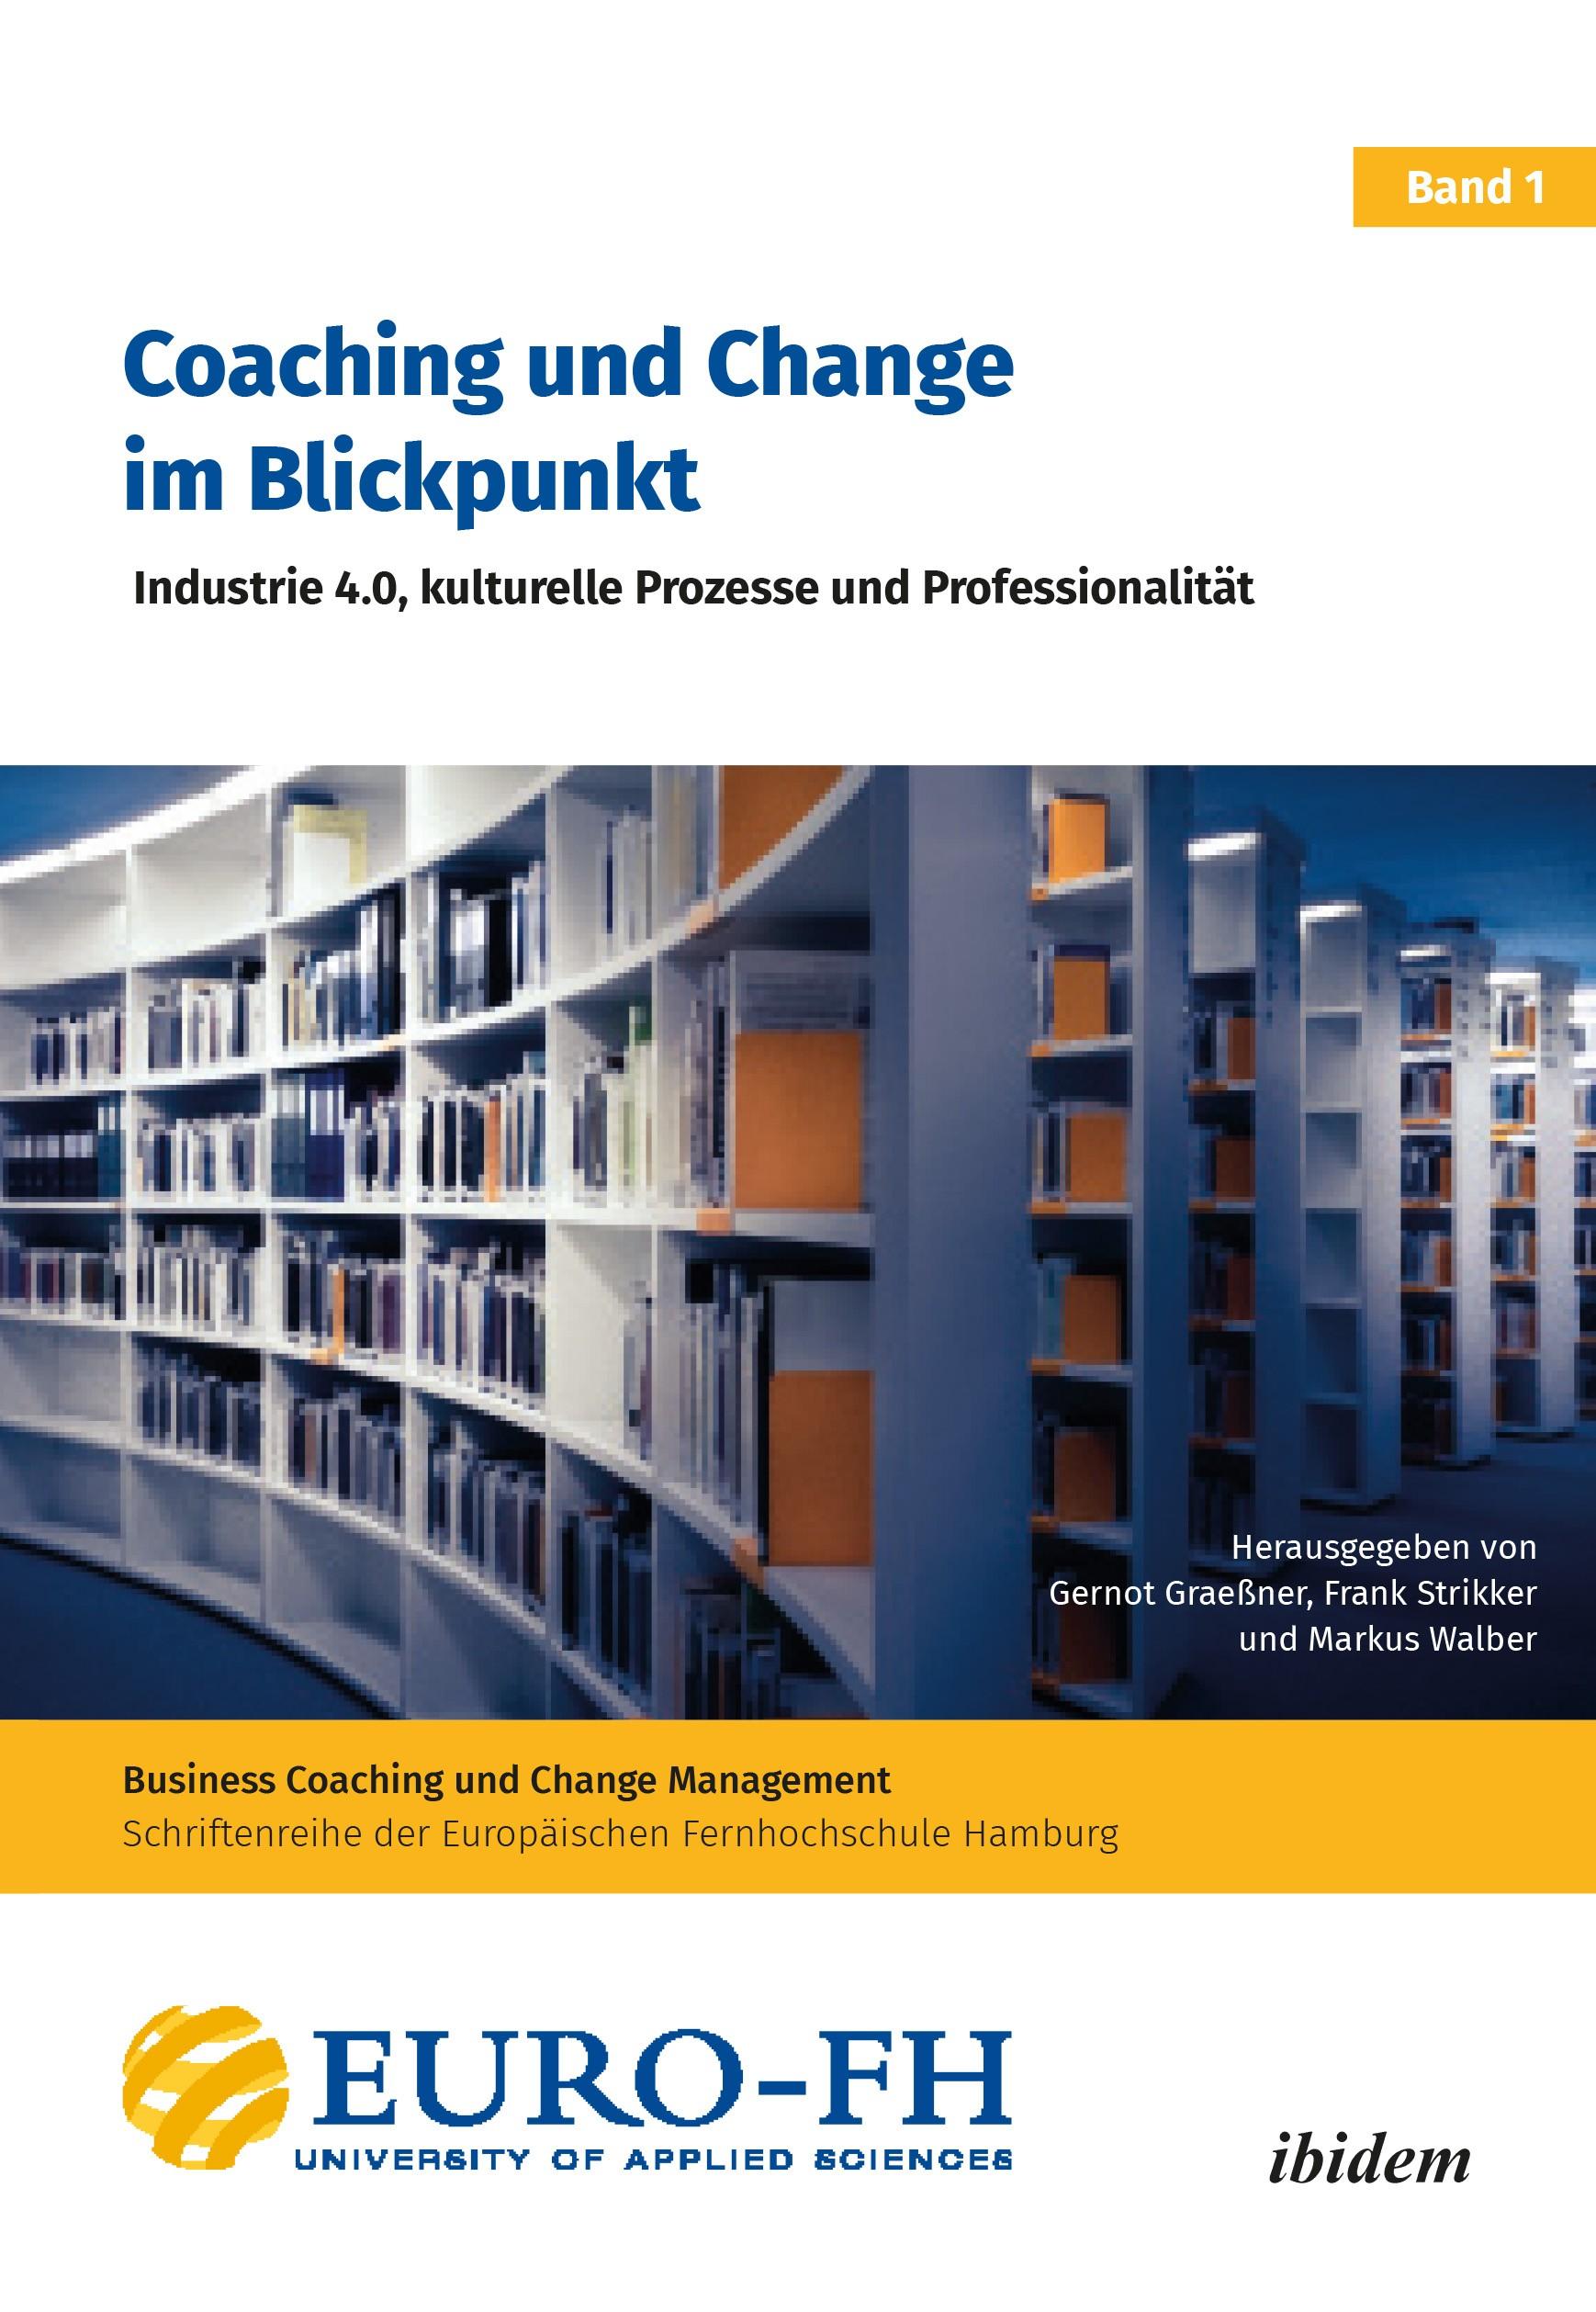 Coaching und Change im Blickpunkt